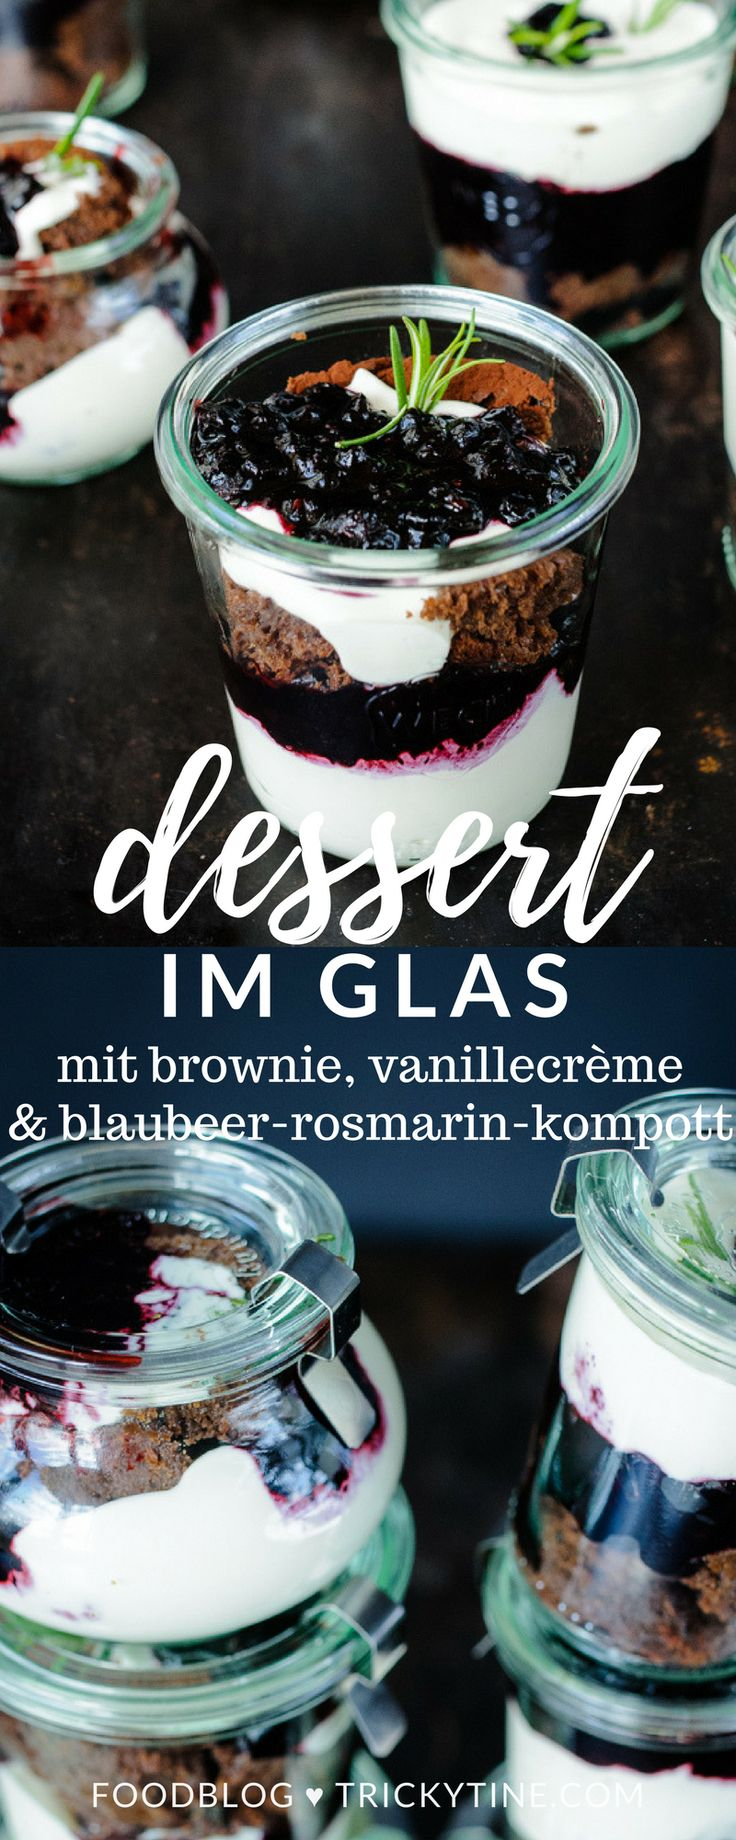 dessert im glas: schokobrownie, vanillecrème, blaubeer-rosmarin-kompott ♥ trickytine.com